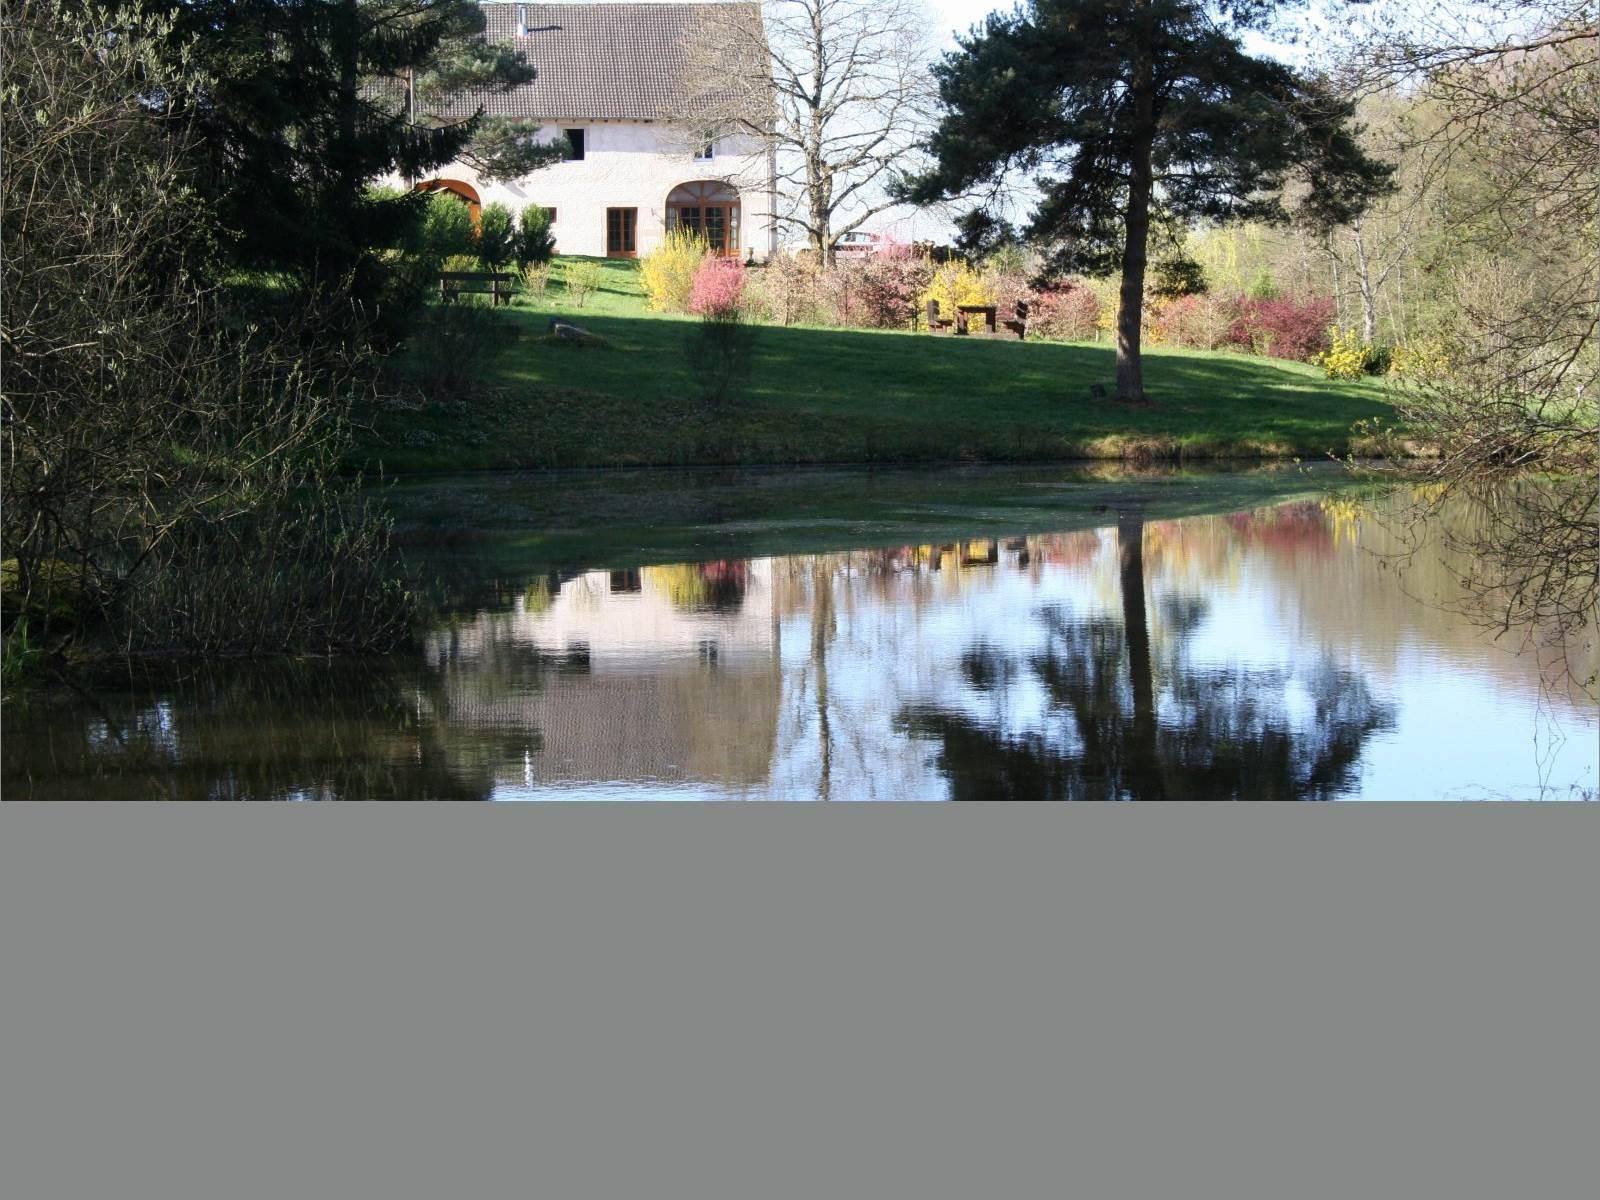 Les Chambres d'hôtes la Landre, un étang de pêche (carpes, gardons), le jardin d'agrément avec bancs et table de pique nique